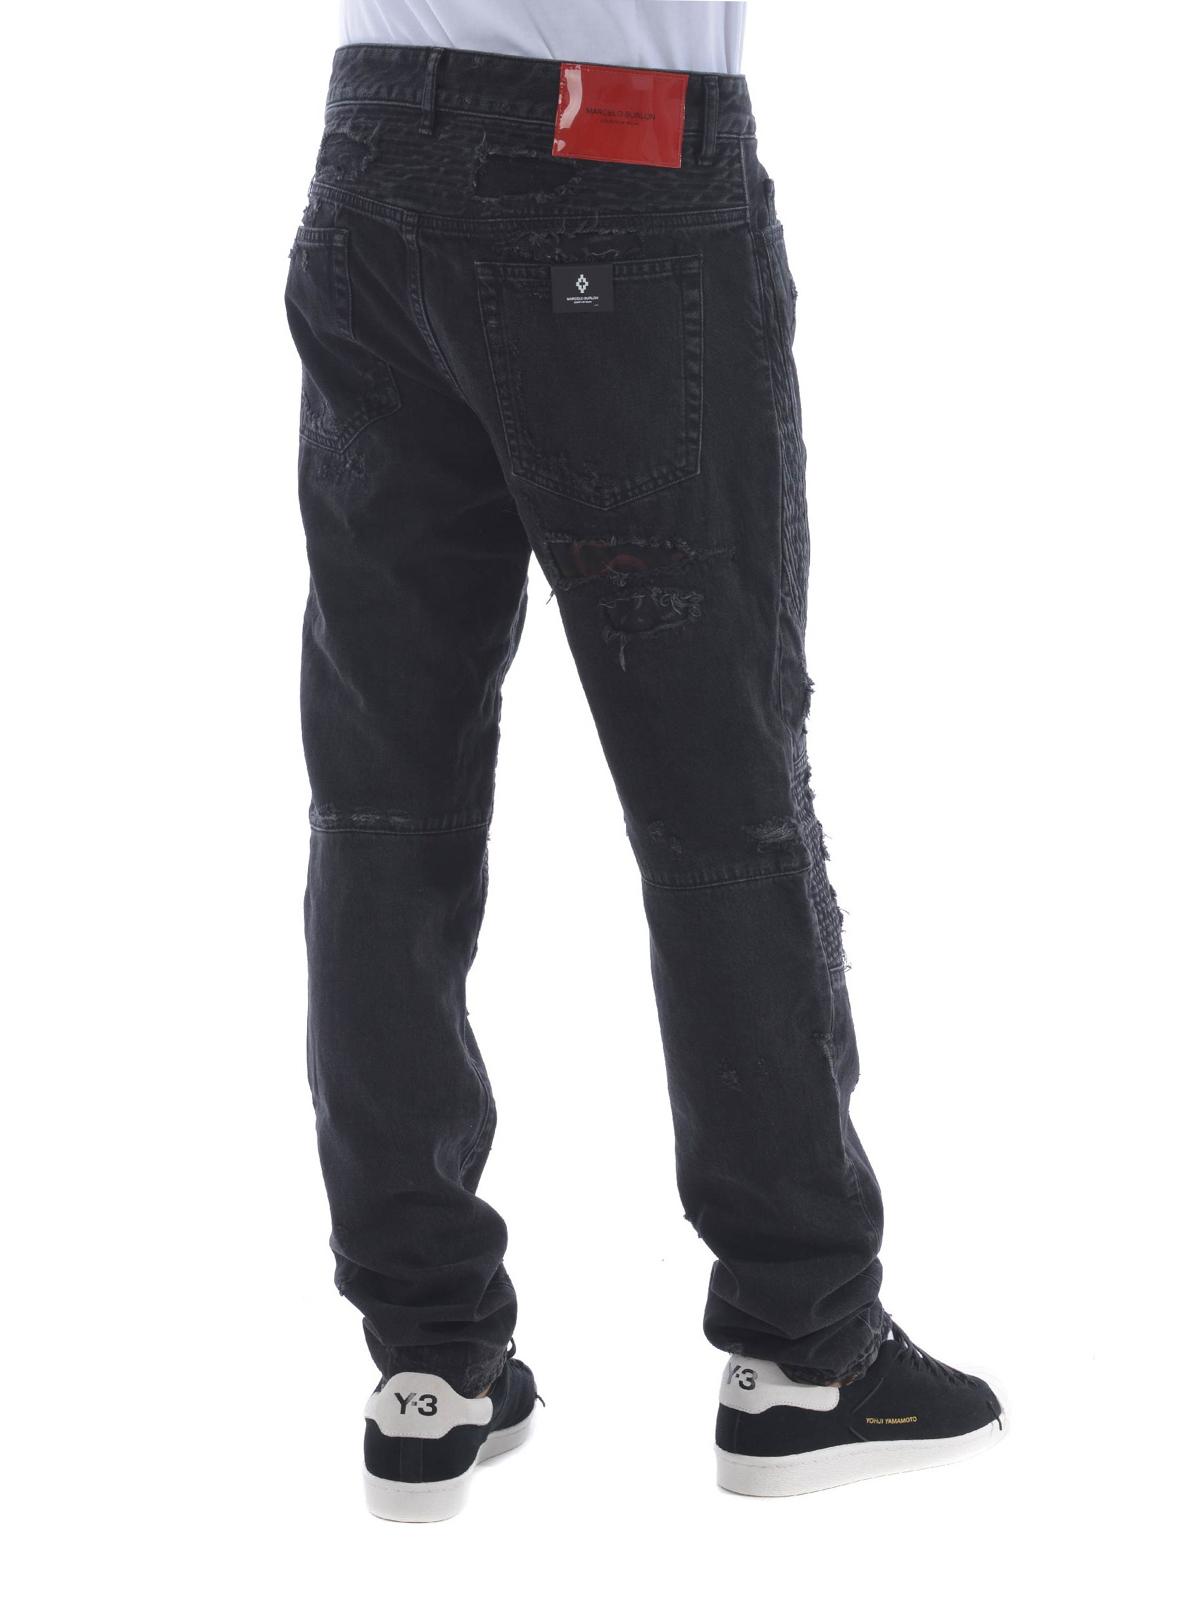 straight leg jeans with patches - Black Marcelo Burlon qkPToD7